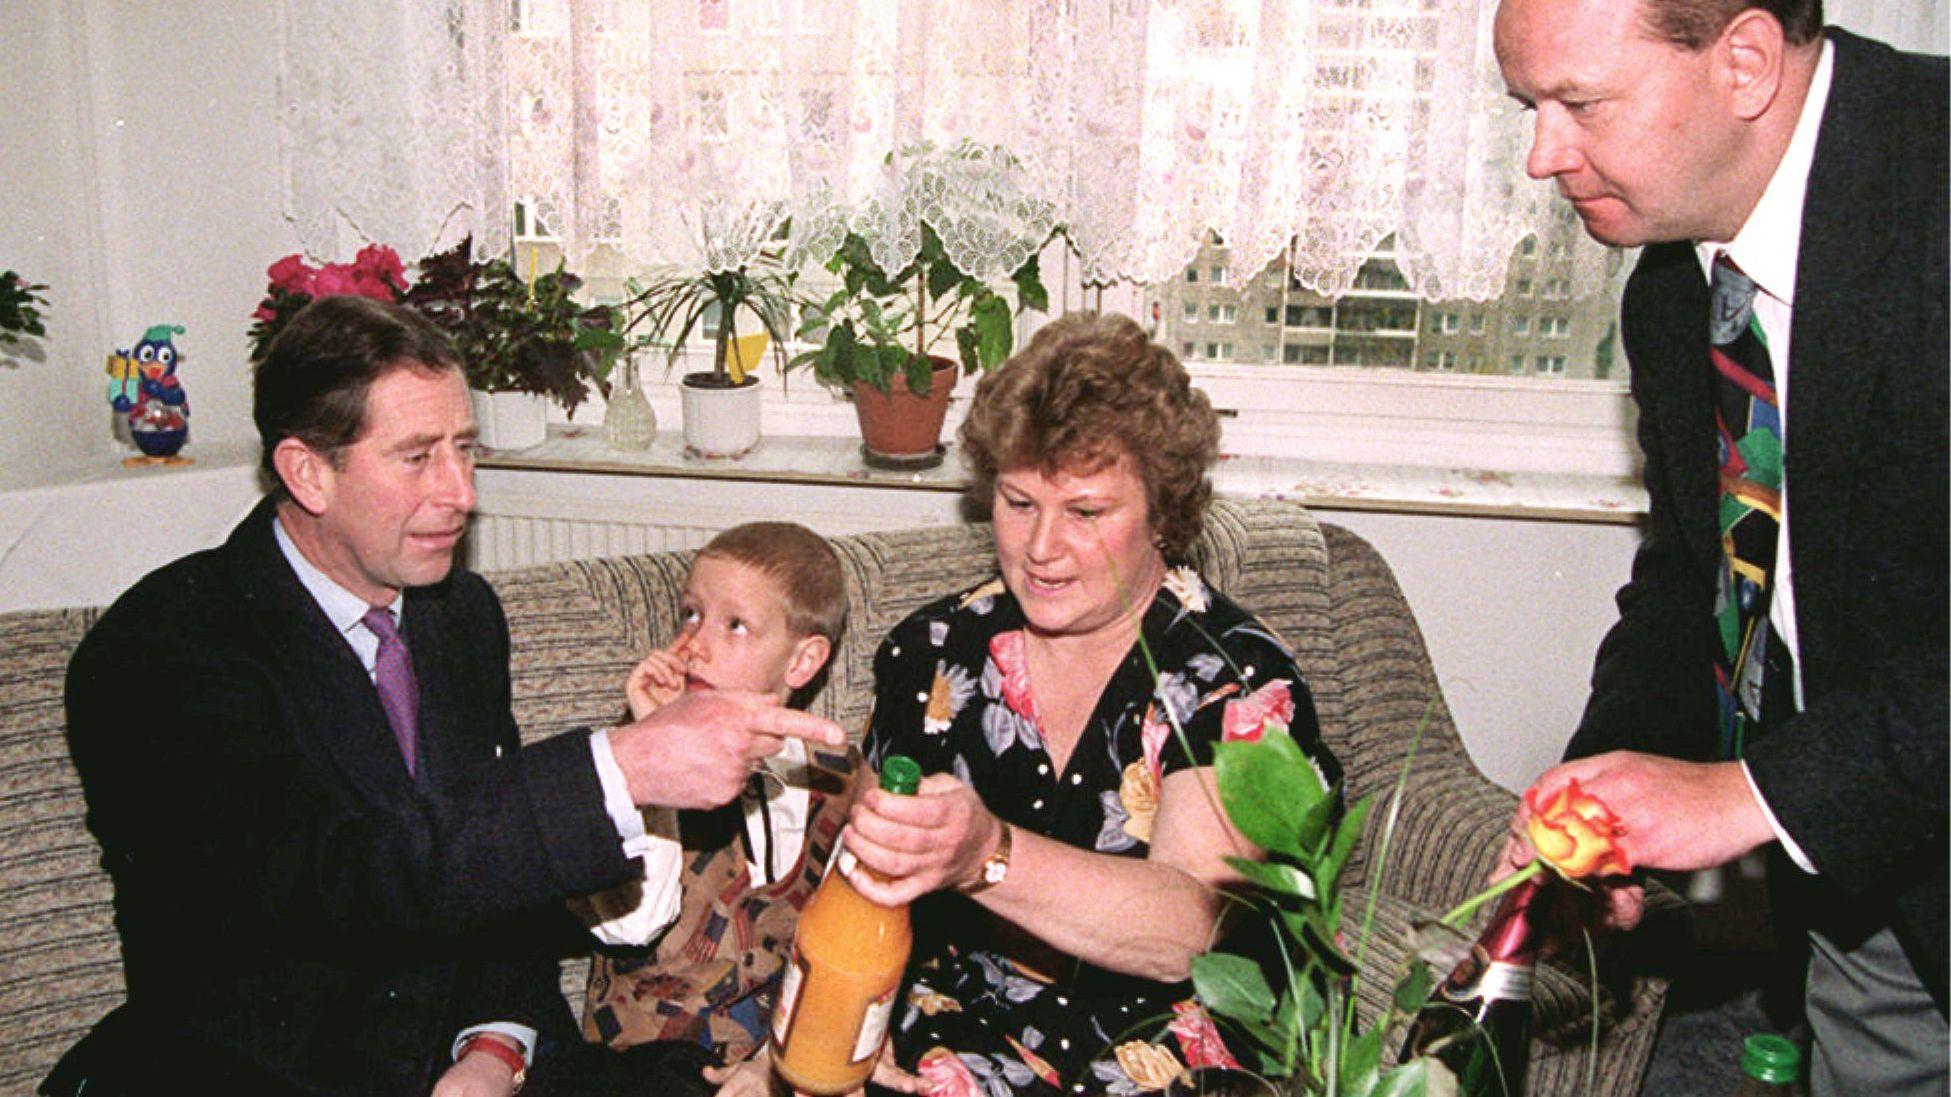 Prinz Charles zu Besuch auf dem Sofa von Familie Kunz in Berlin-Hellersdorf 1995